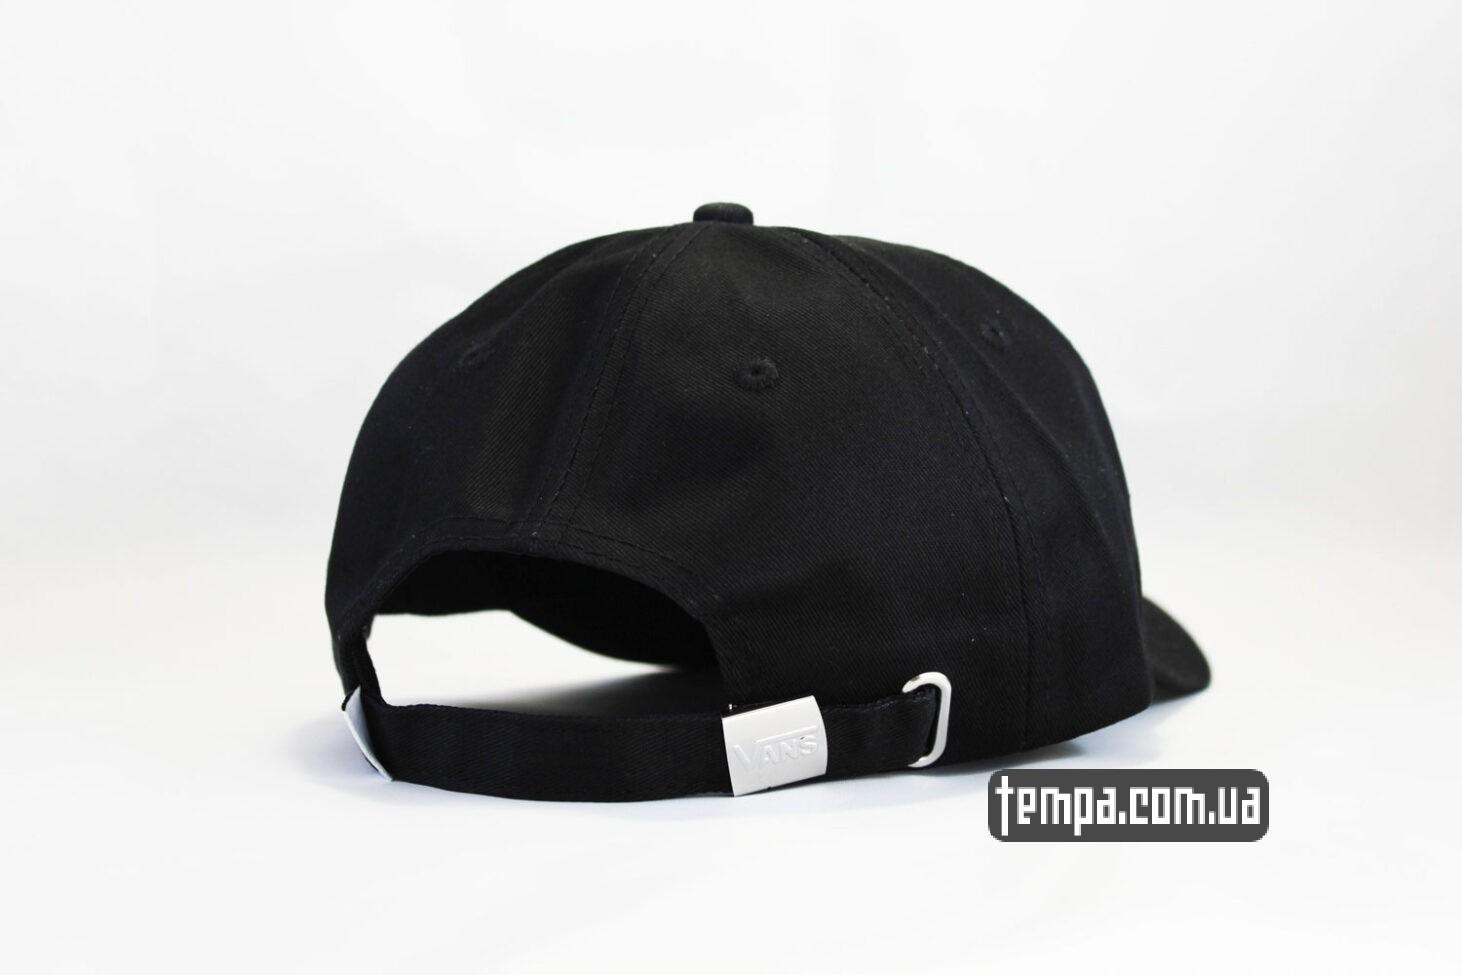 snapback кепка VANS black логотип сбоку черная бейсболка